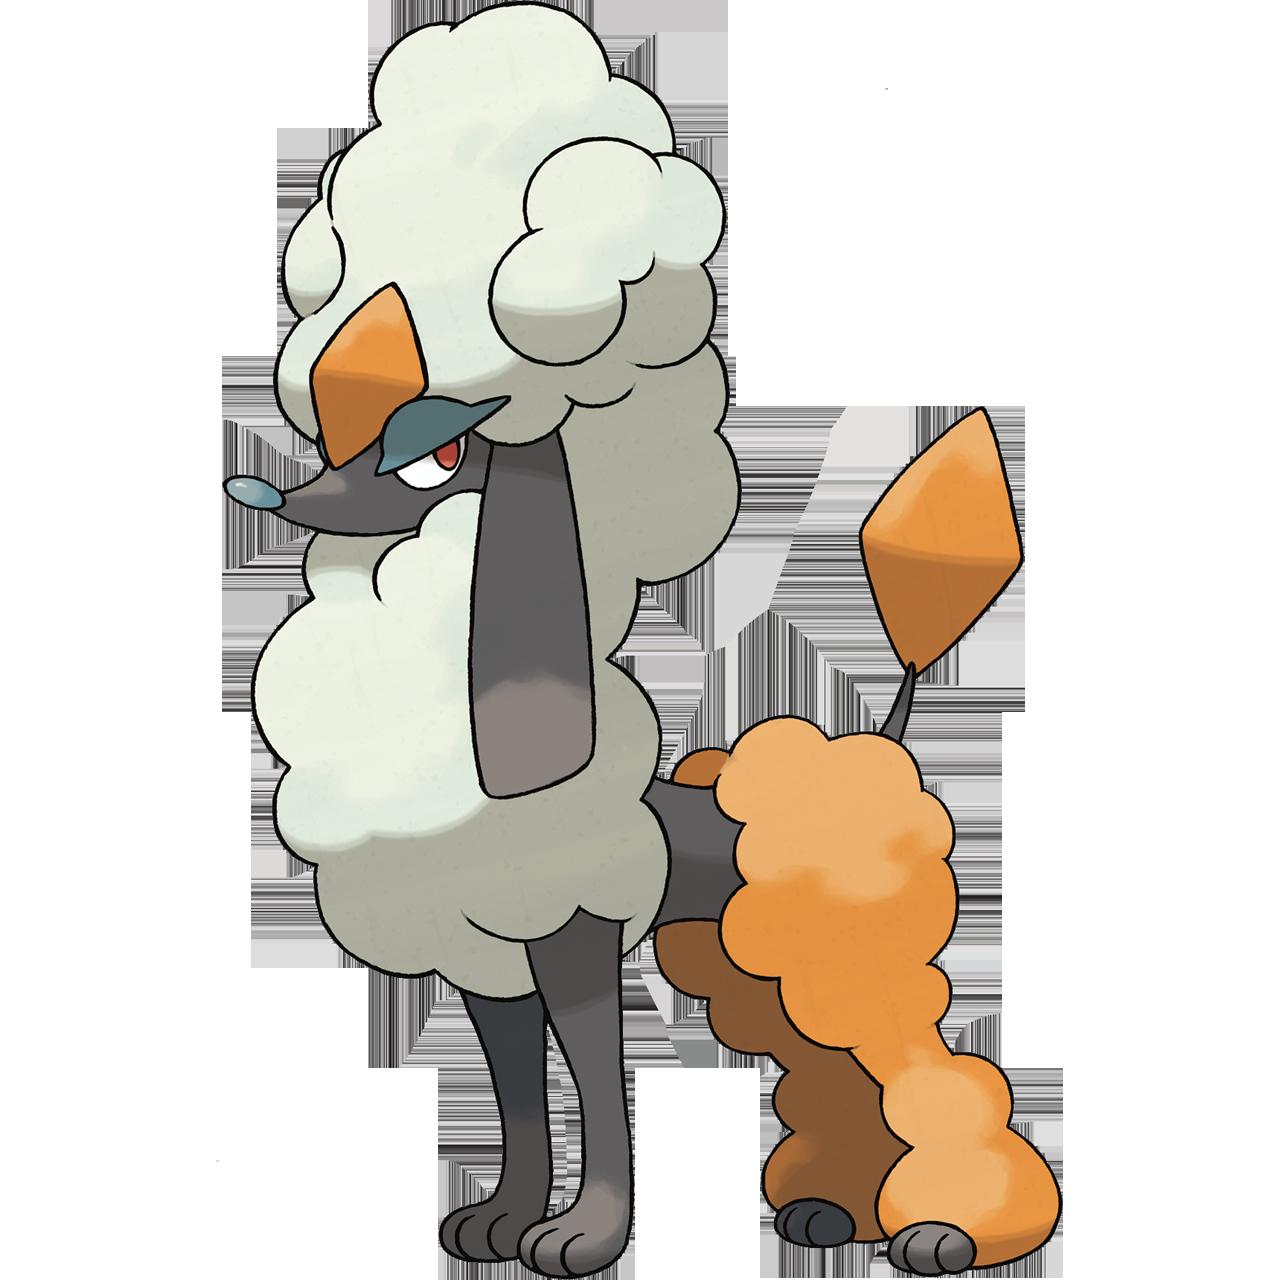 Furfrou (Orange) - Pokemon X and Y - The PokeMasters ...